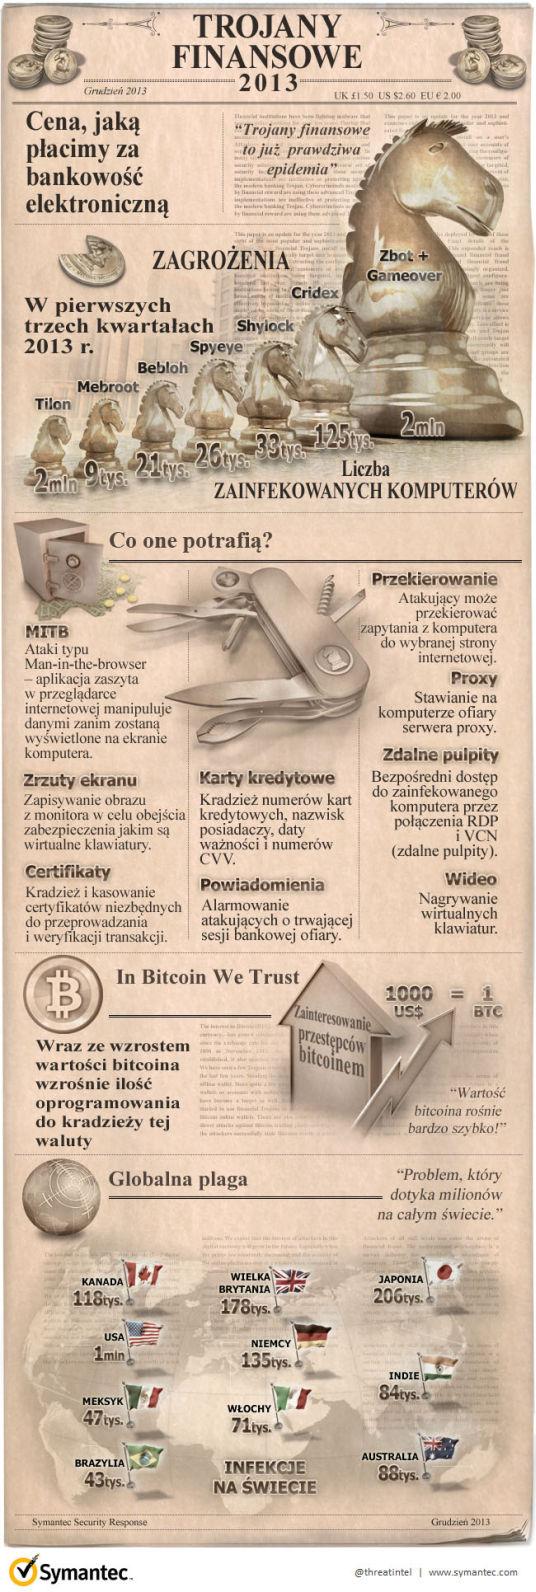 trojany_finansowe